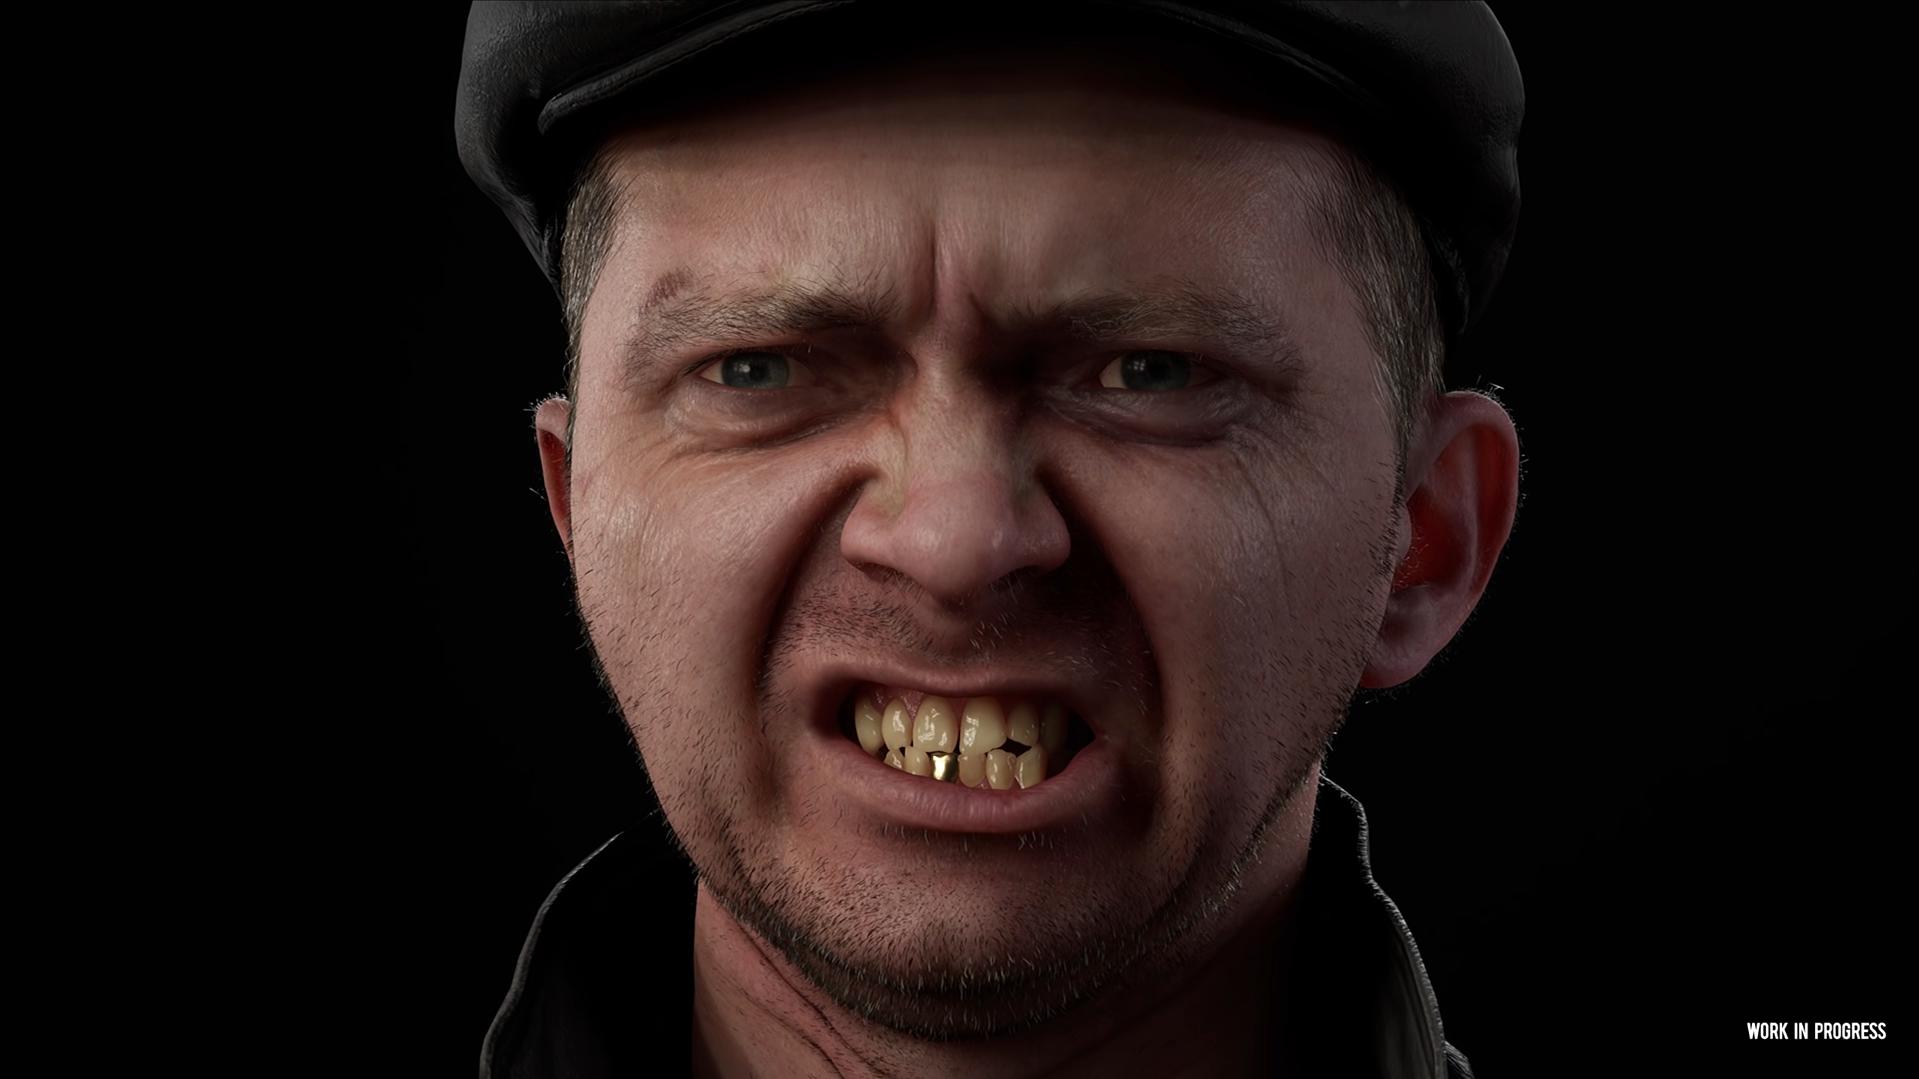 Уникальные зубы и оружие: GSC Game World выпустила первый дневник разработки STALKER 2